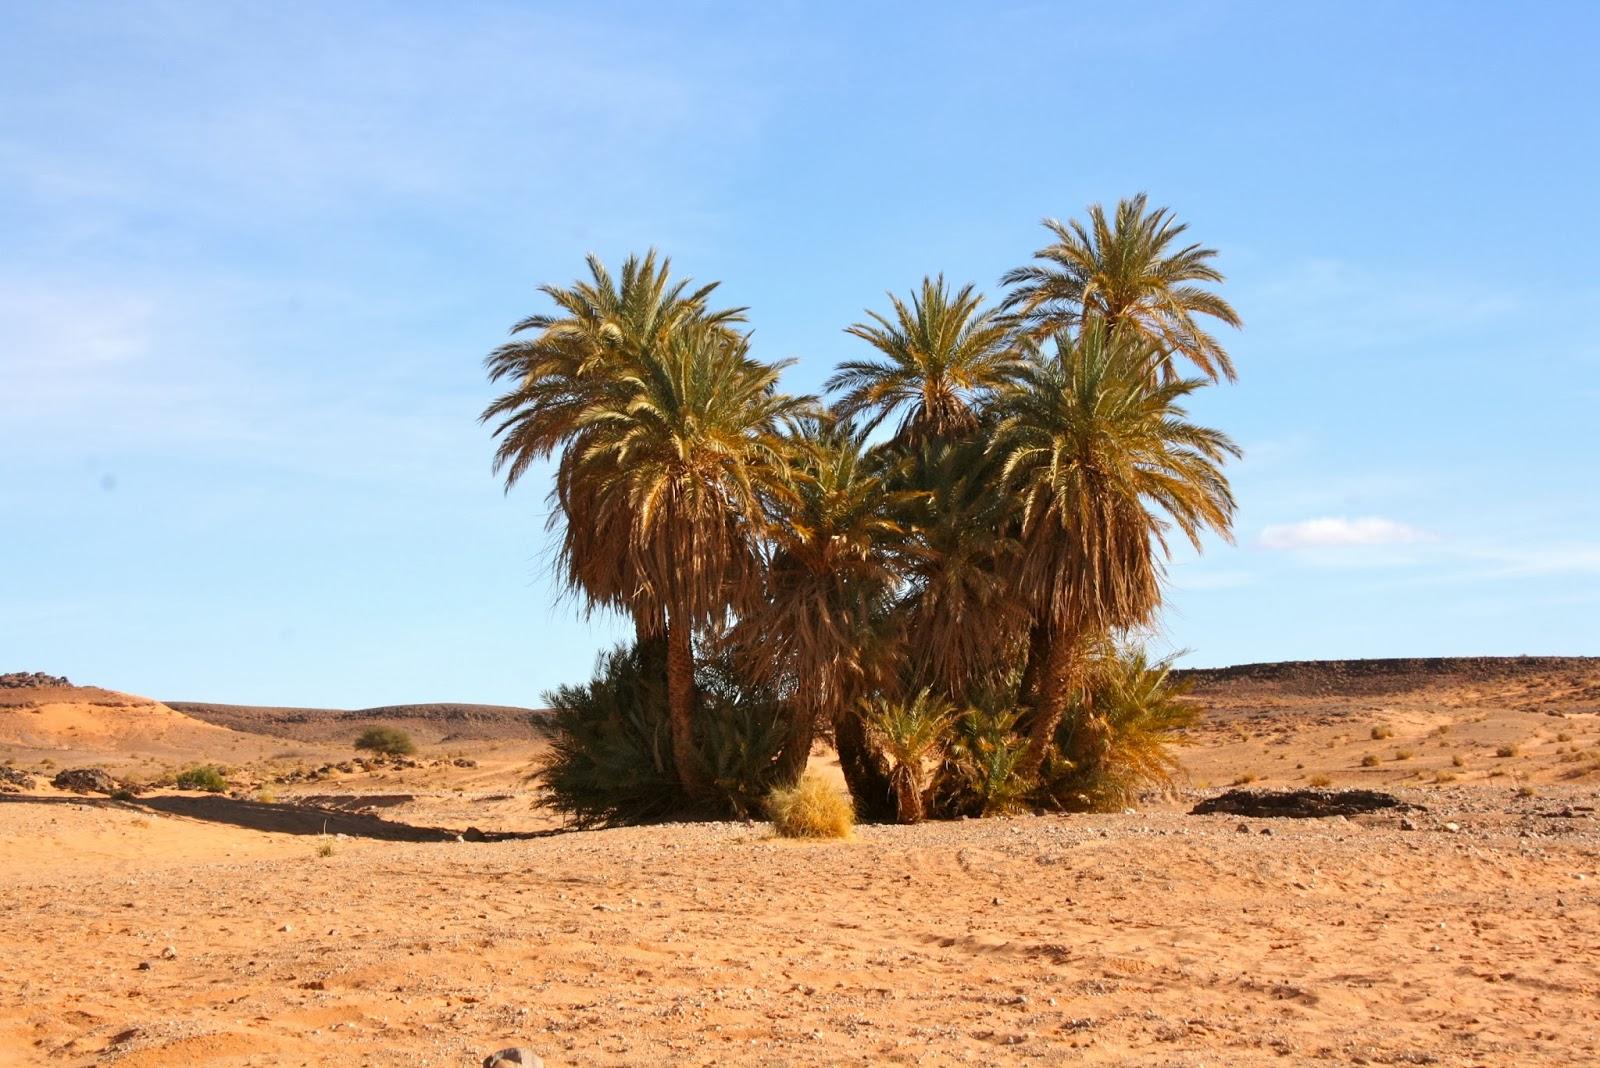 desierto de marruecos, viajar a marruecos, felicidad, arfoud, alojamiento rural.